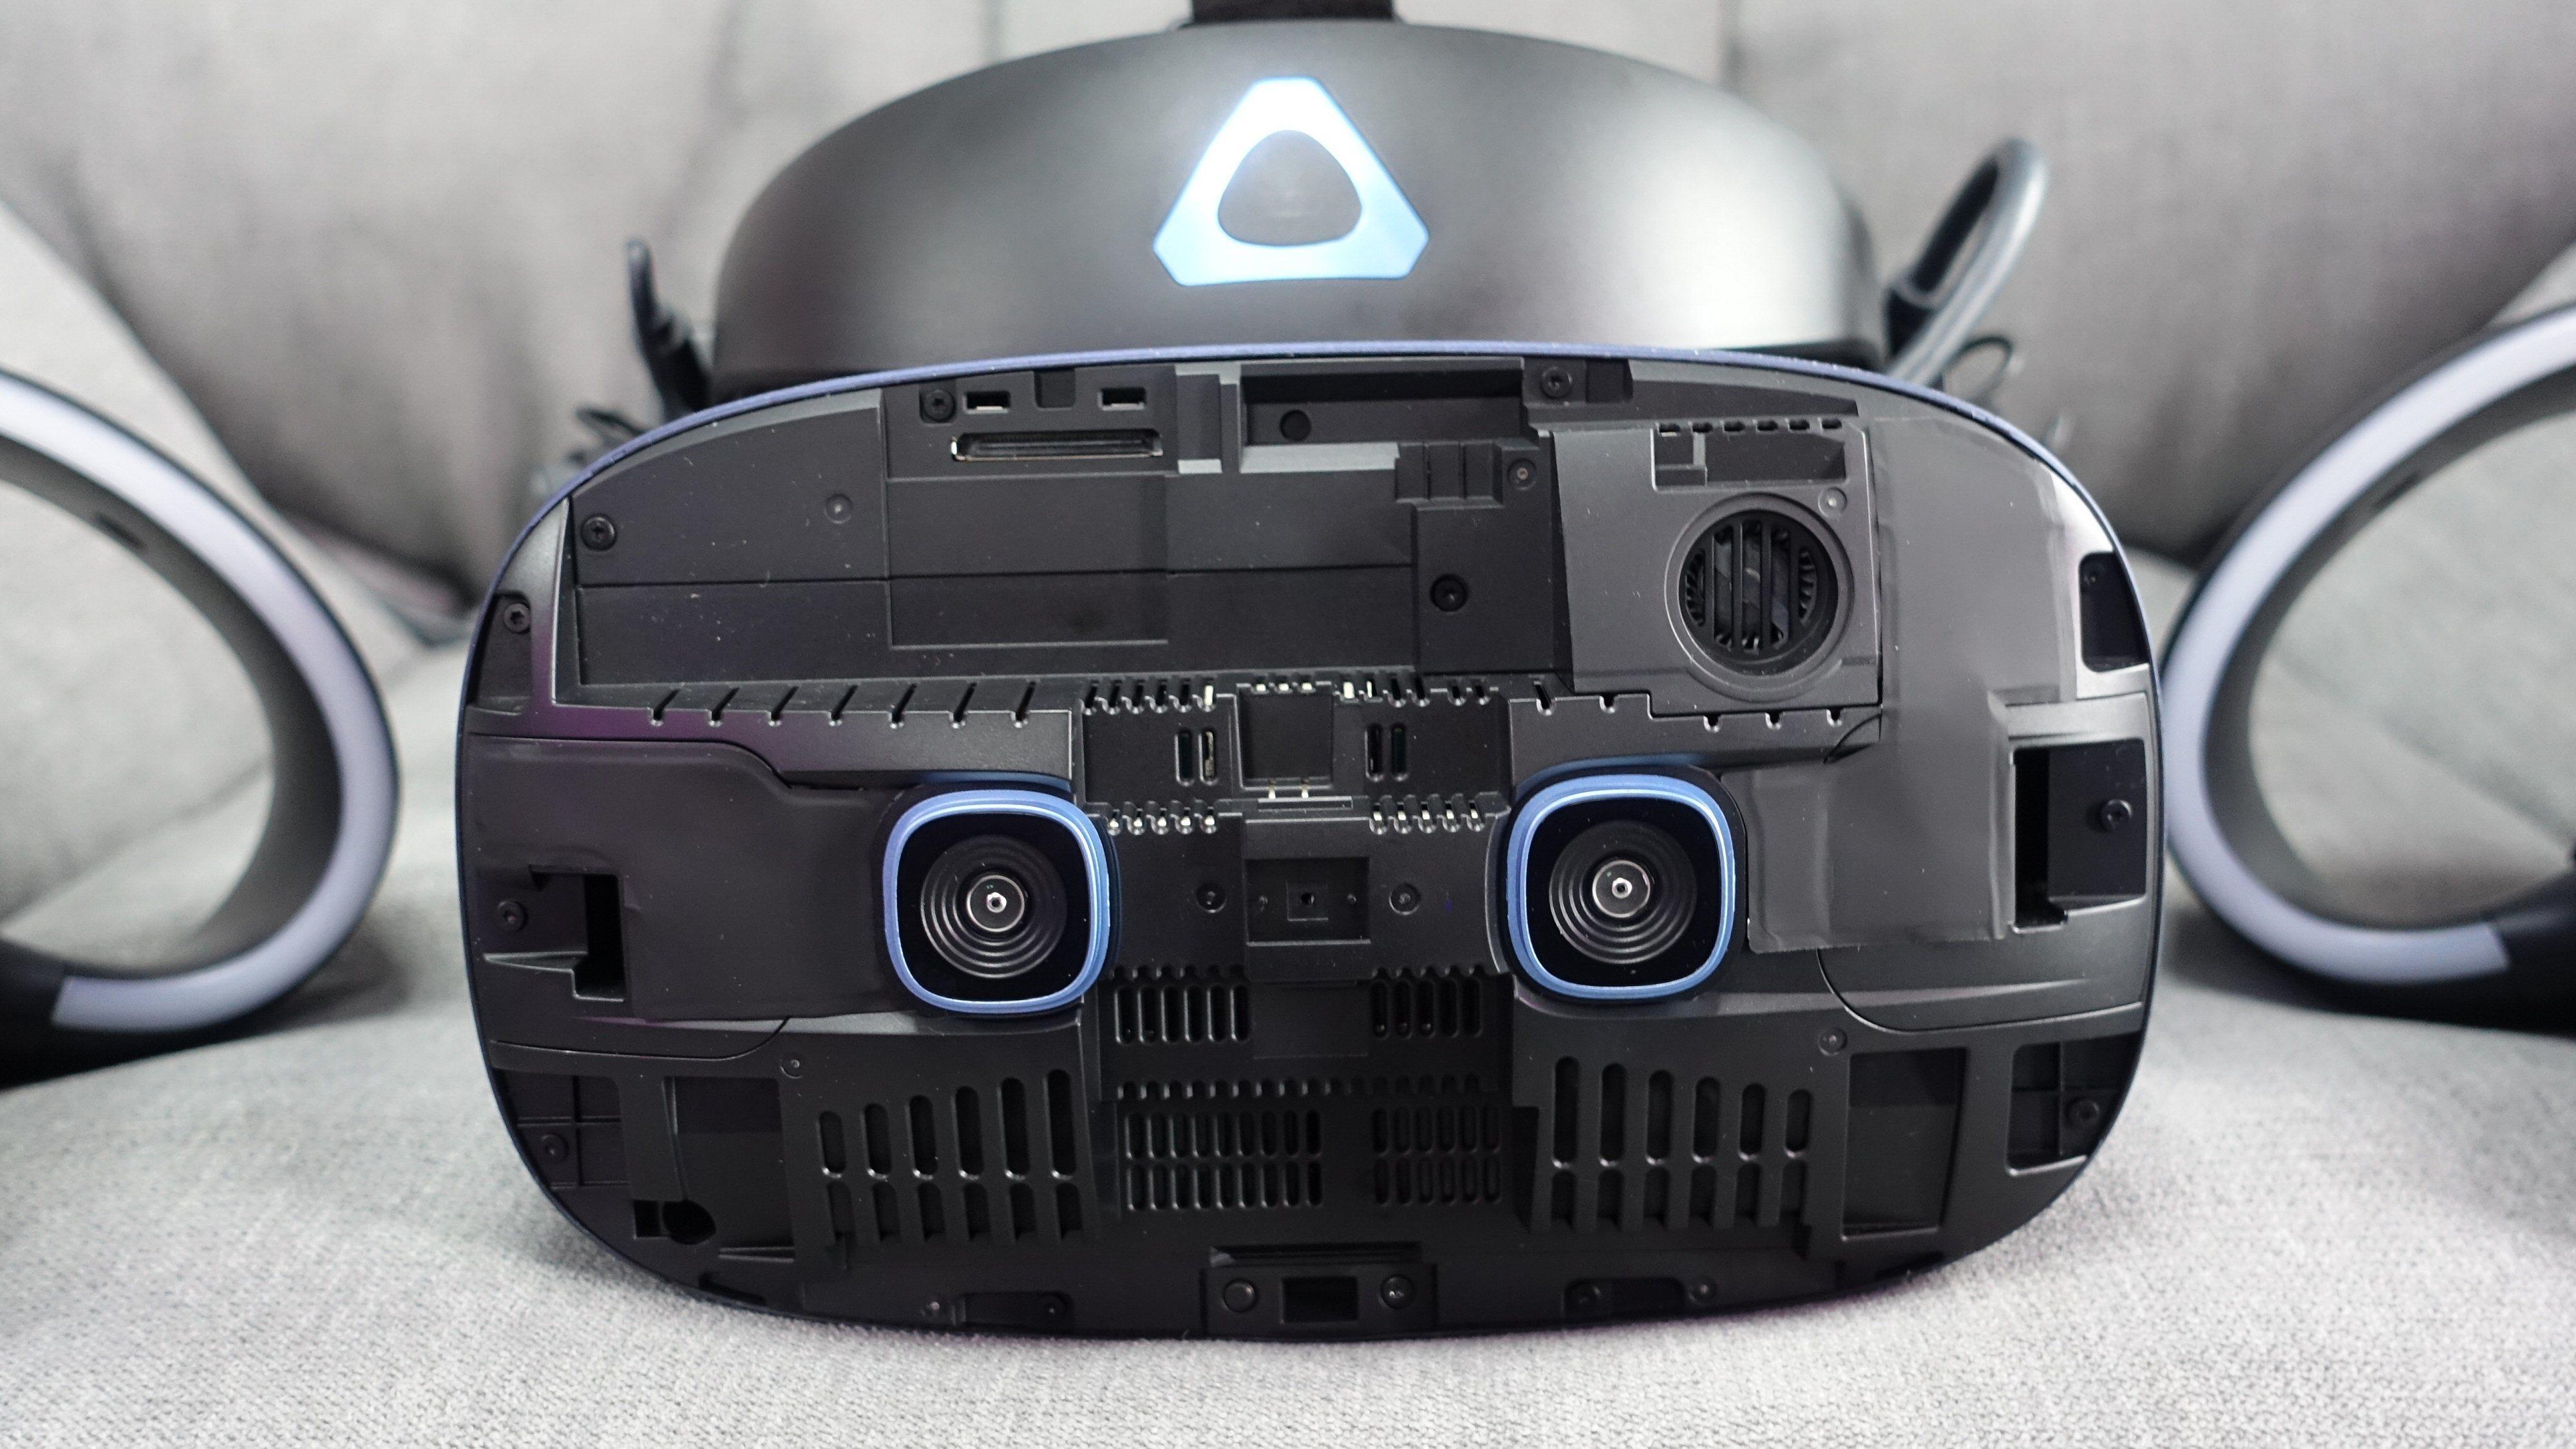 En spesiell ting med Vive Cosmos er at frontplaten kan fjernes og byttes ut. Tidlig neste år kommer en plate som gjør at hodesettet kan spores med eksterne basestasjoner slik som den første Vive og Vive Pro.